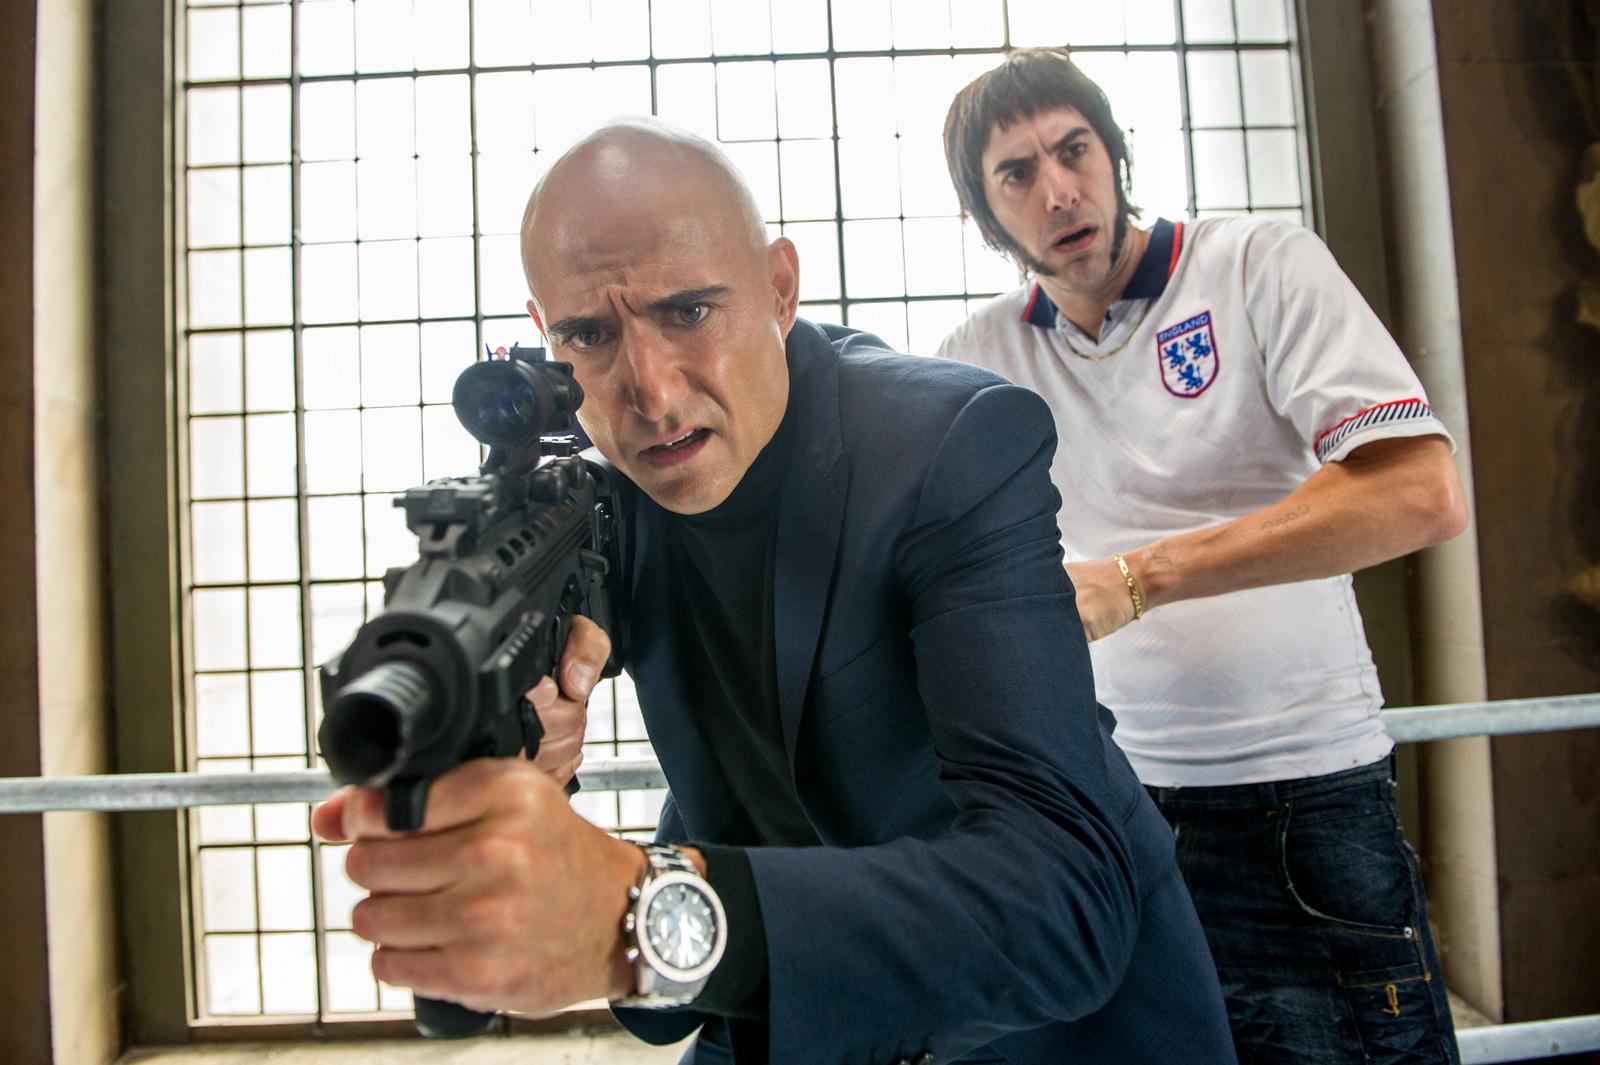 Tráiler de Agente contrainteligente, con Sacha Baron Cohen